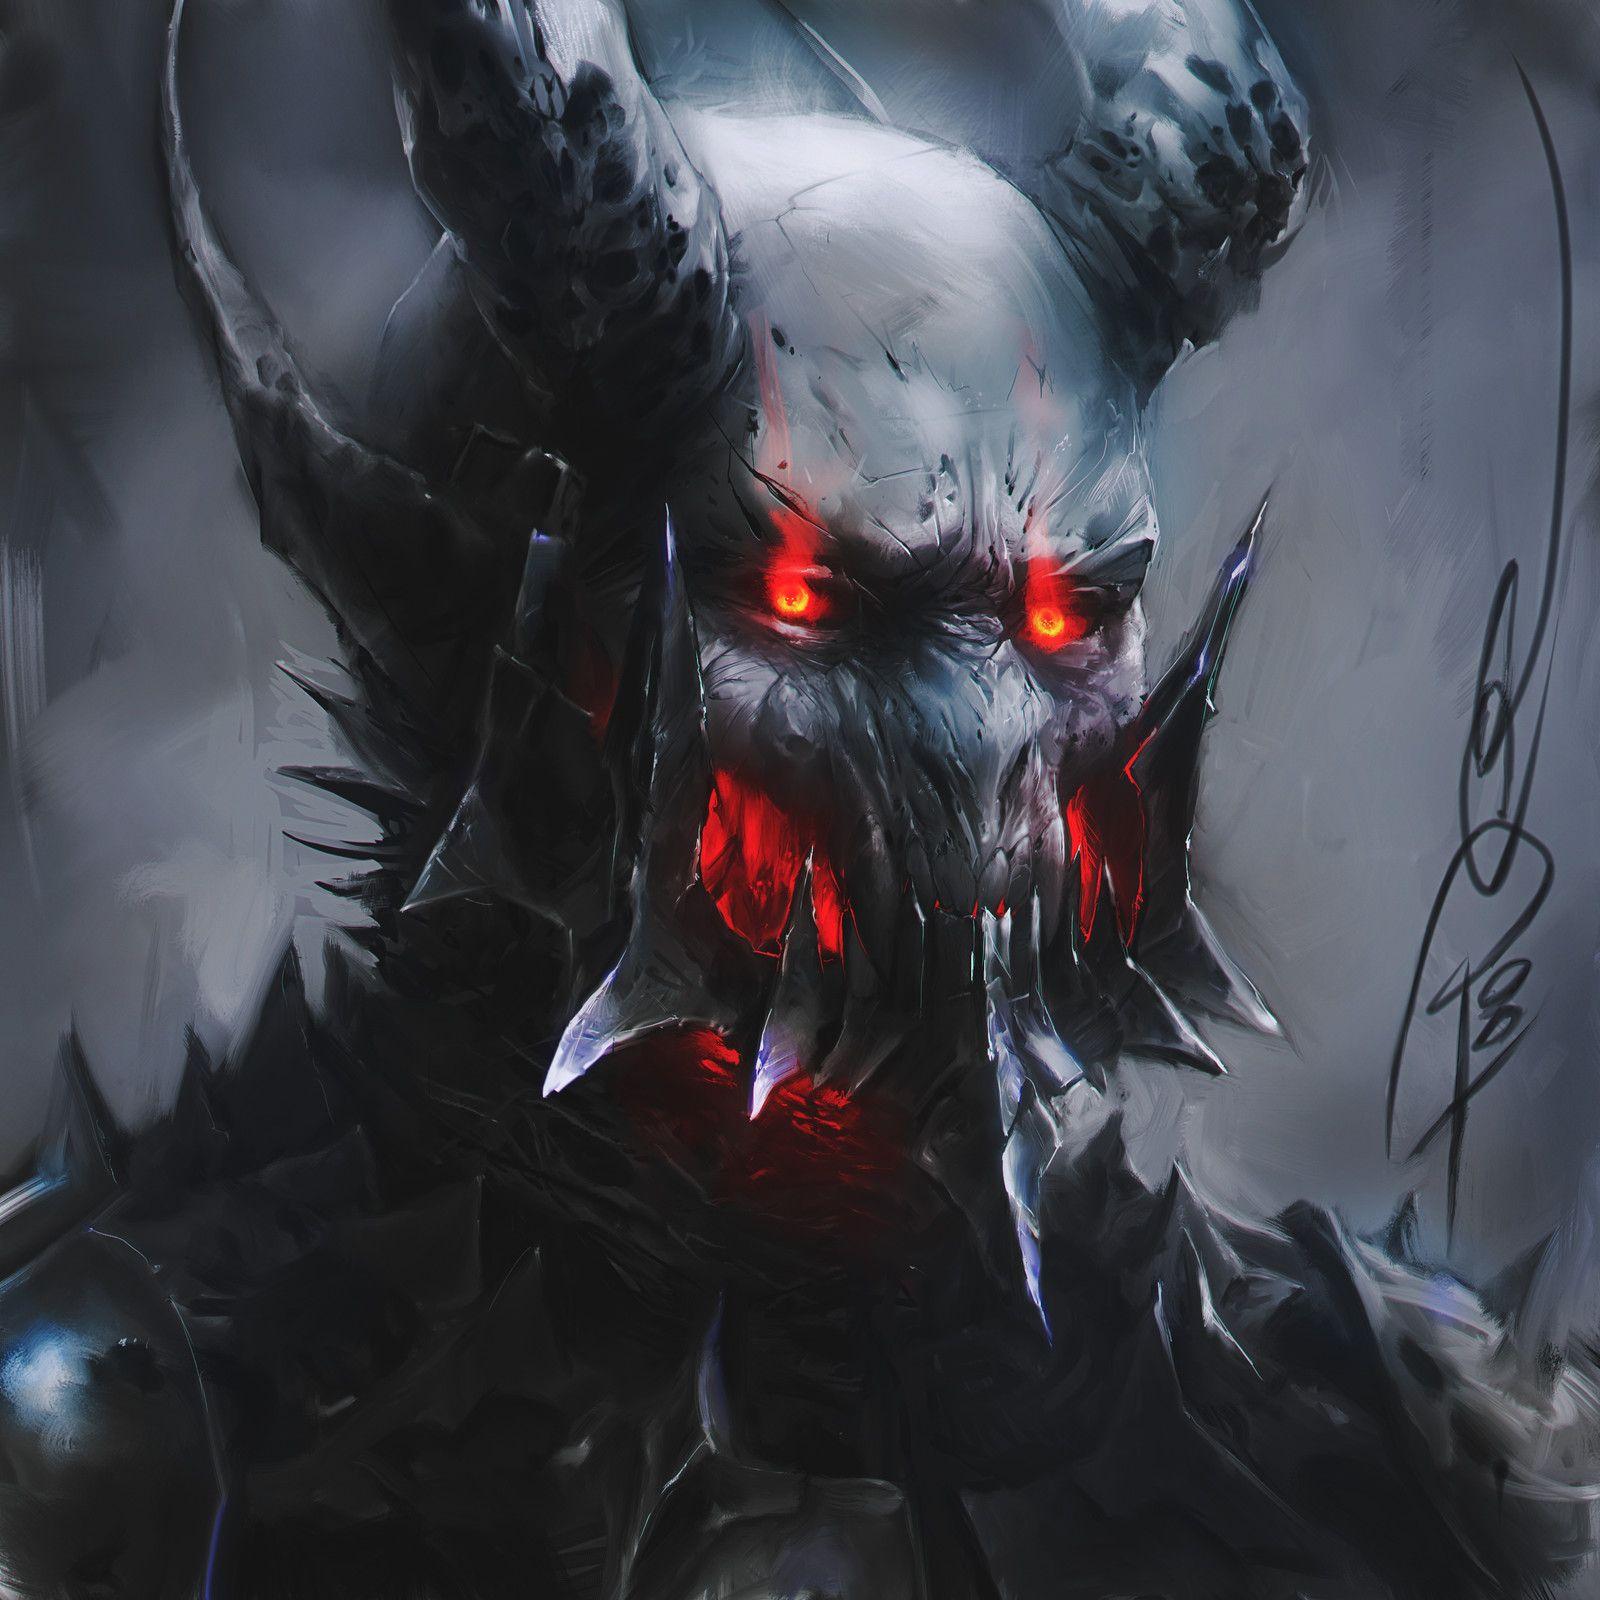 Прикольные картинки про демонов, наложить гиф